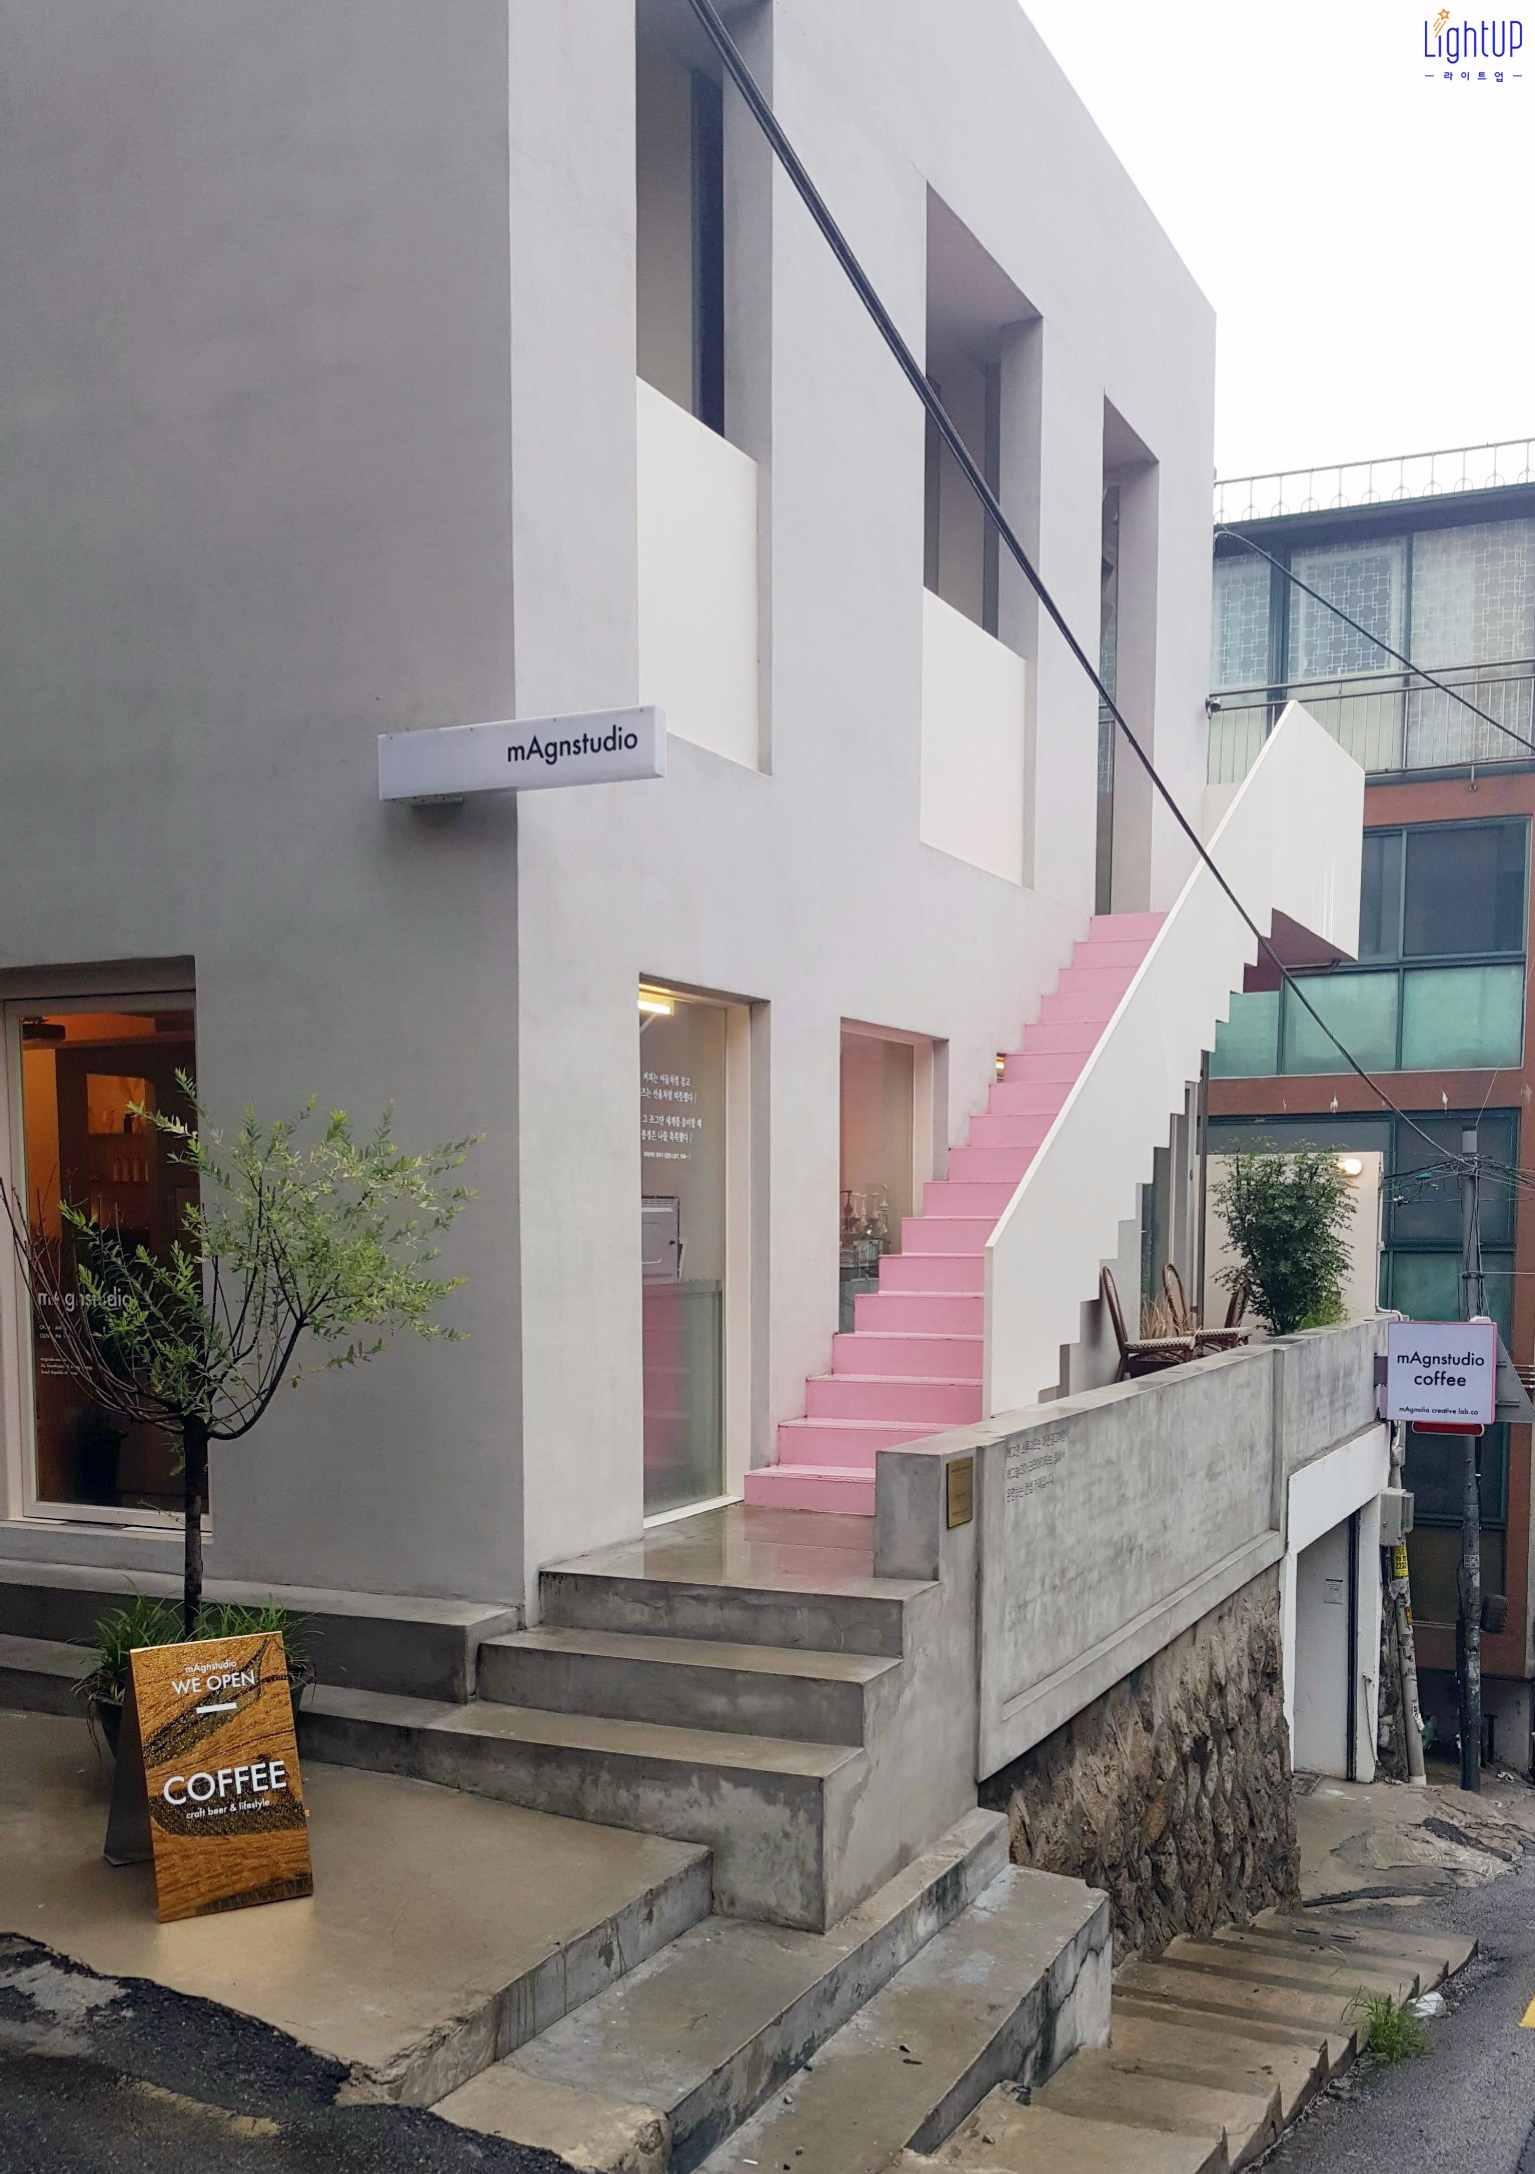 第一篇推出的是 Singles 4月號畫報拍攝地 _ mAgnstudio Coffee  以粉紅色系為主軸,打造乾淨又簡潔的空間  從入口旁的樓梯,到室內的擺設,甚至是杯子都是粉紅色  (( 身為粉紅迷… 真的是旋轉灑花尖叫 樣樣來